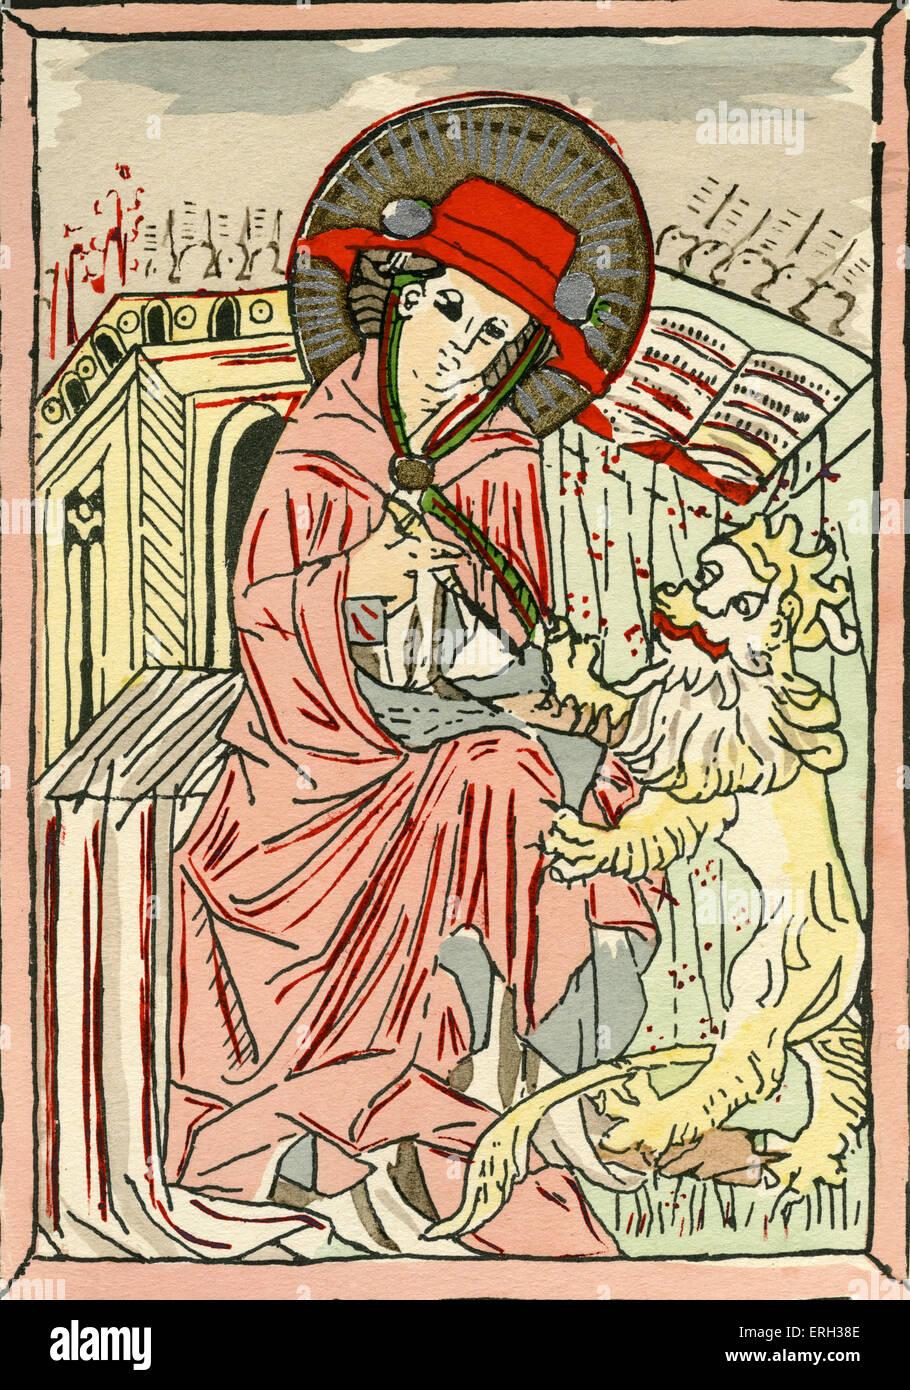 Saint Jérôme dans l'habit d'un cardinal avec son iconographie; un lion et de quoi écrire. Photo Stock